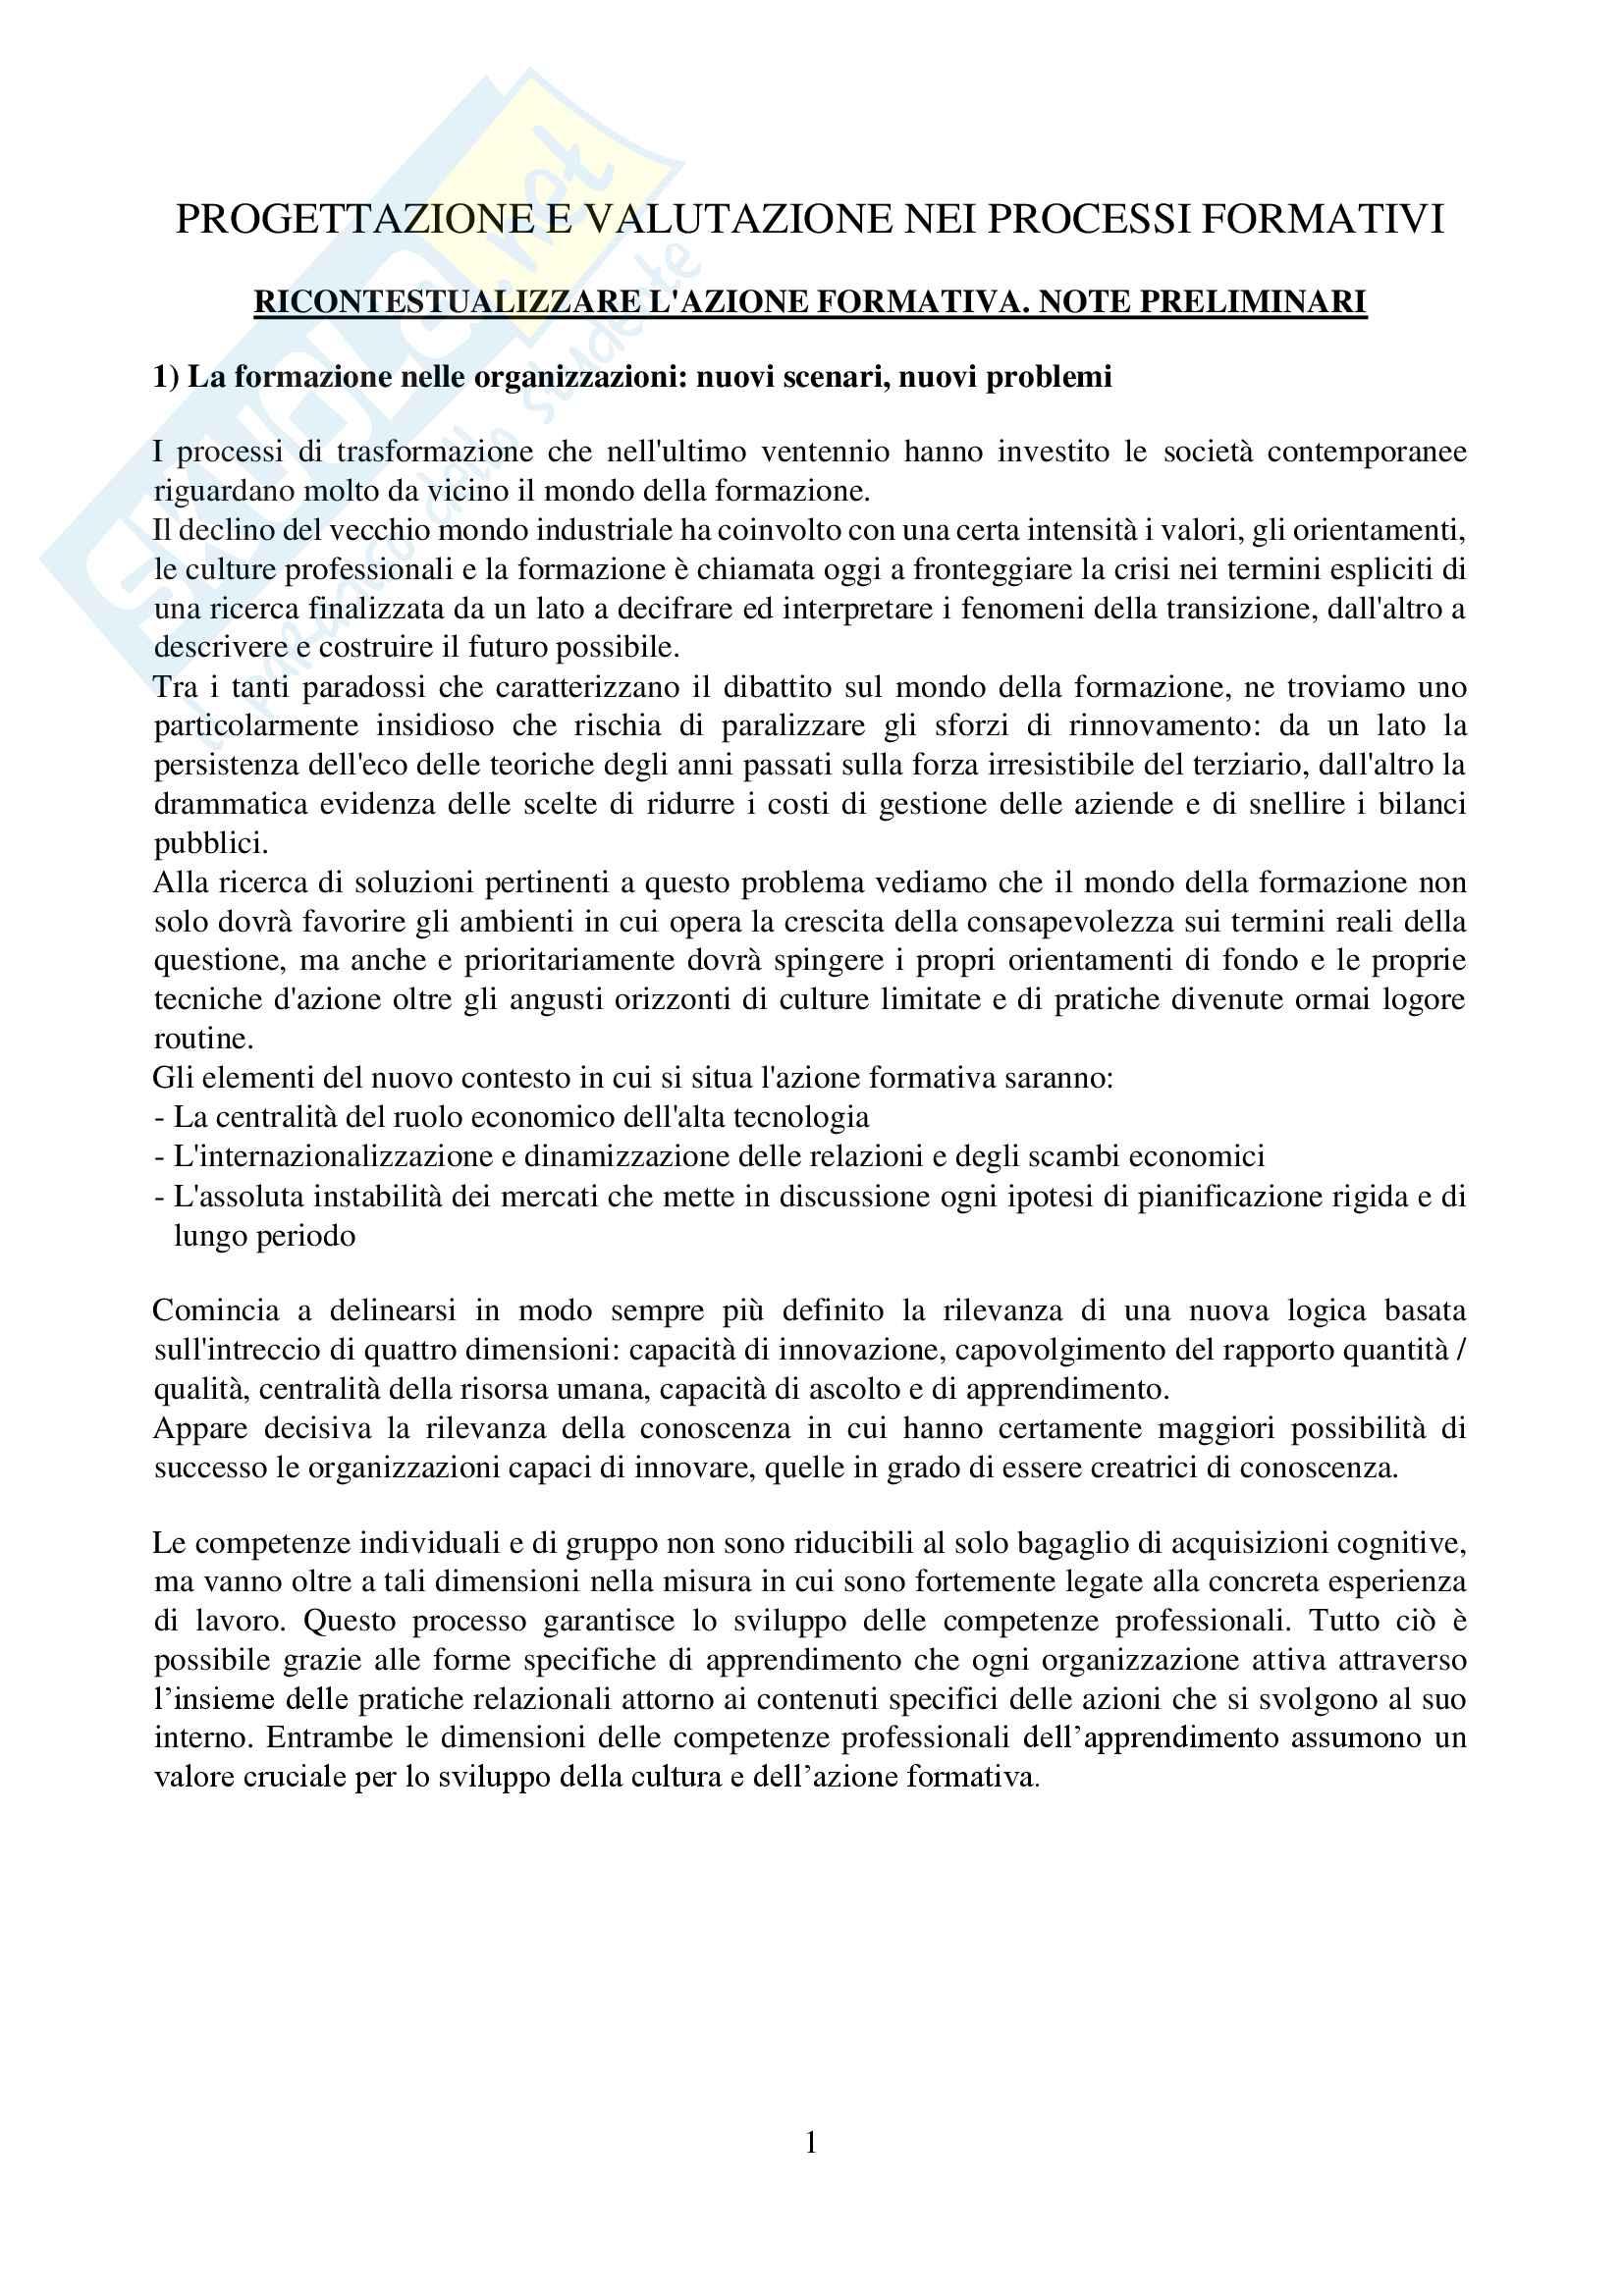 Riassunto esame progettazione e valutazione nei processi formativi, prof Cecconi, libro consigliato Progettazione e valutazione nei processi formativi, Lipari